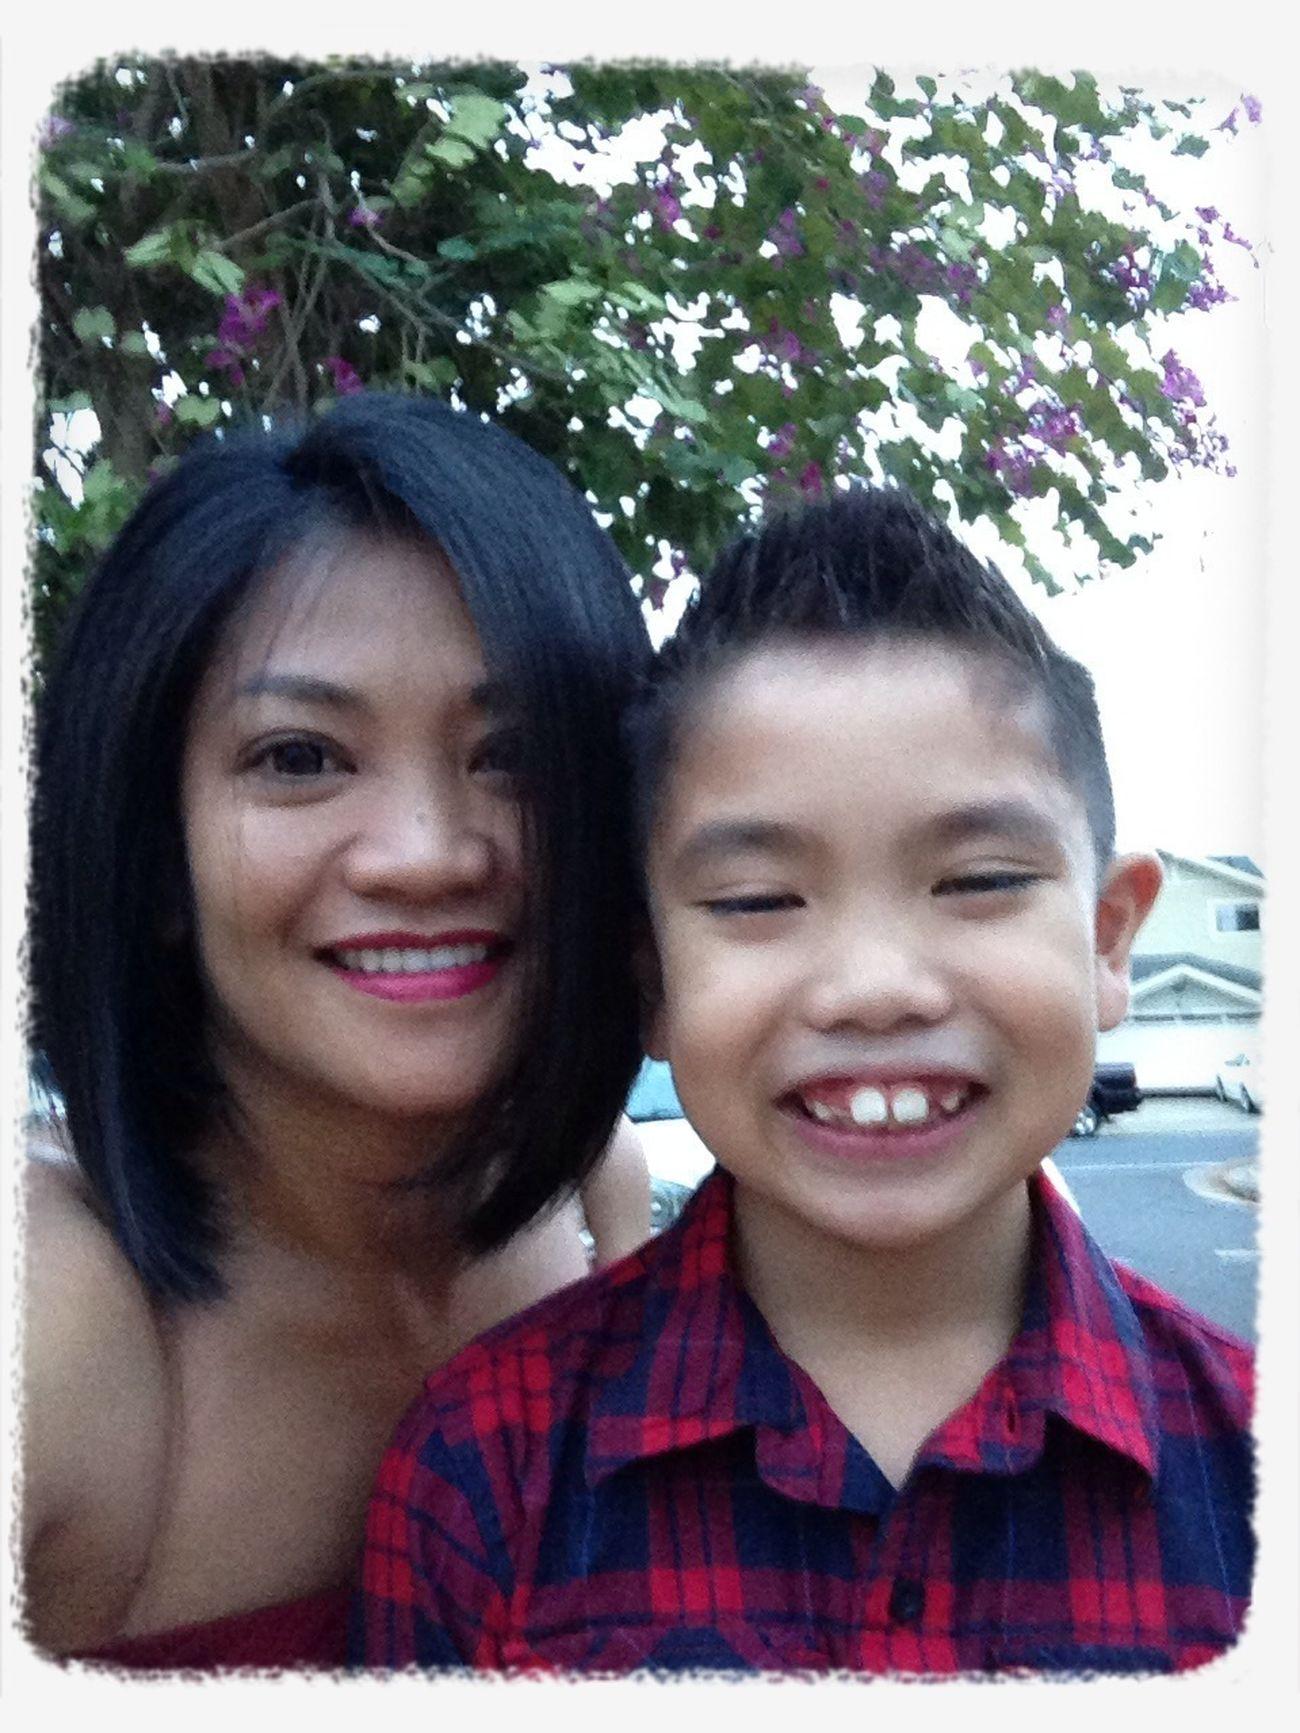 With Jaeden